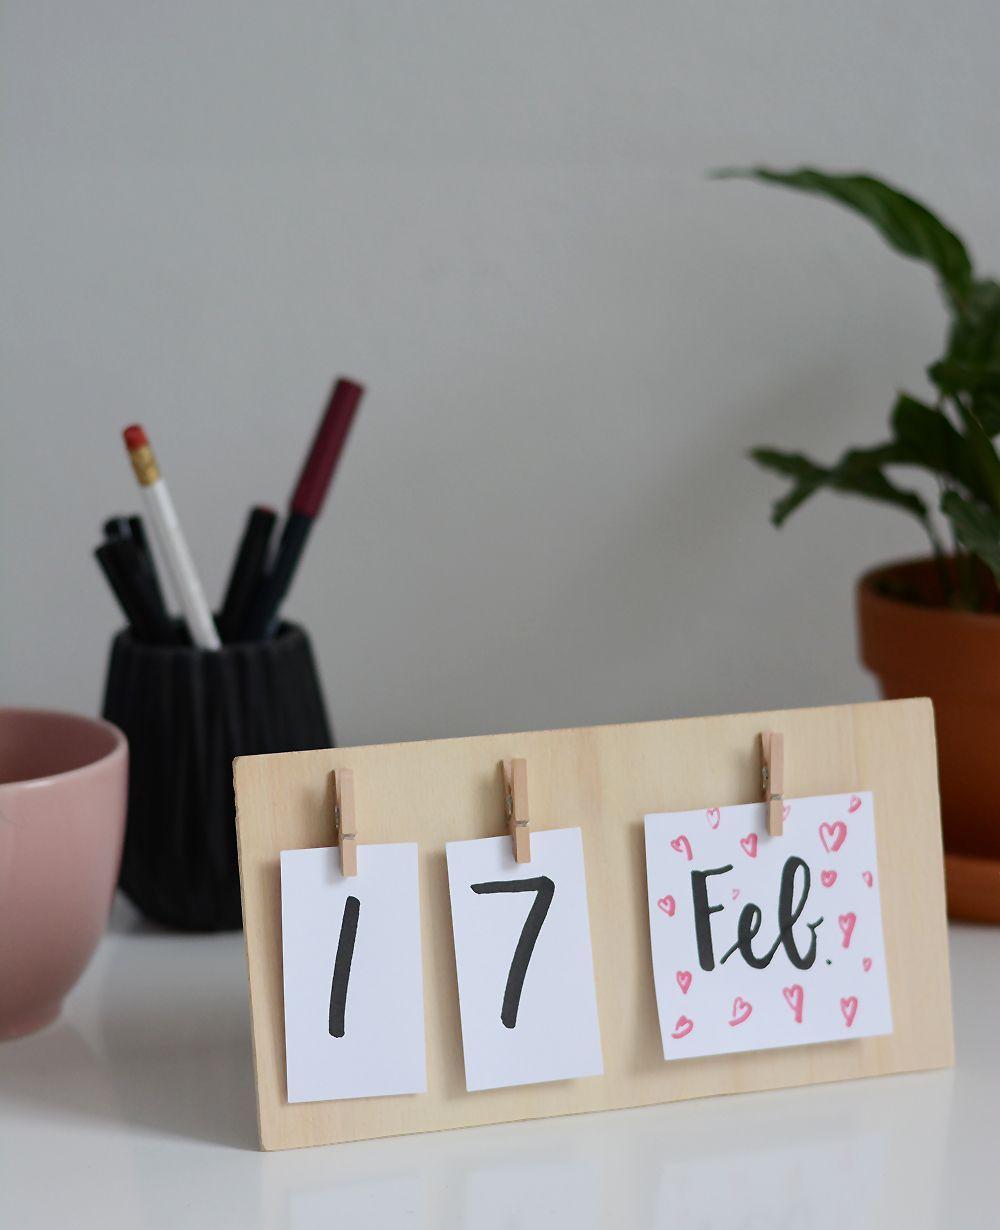 DIY: calendrier de bureau en bois - nous aimons le fait main #aimons #bois #bureau #Calendrier #DIY #fait #main